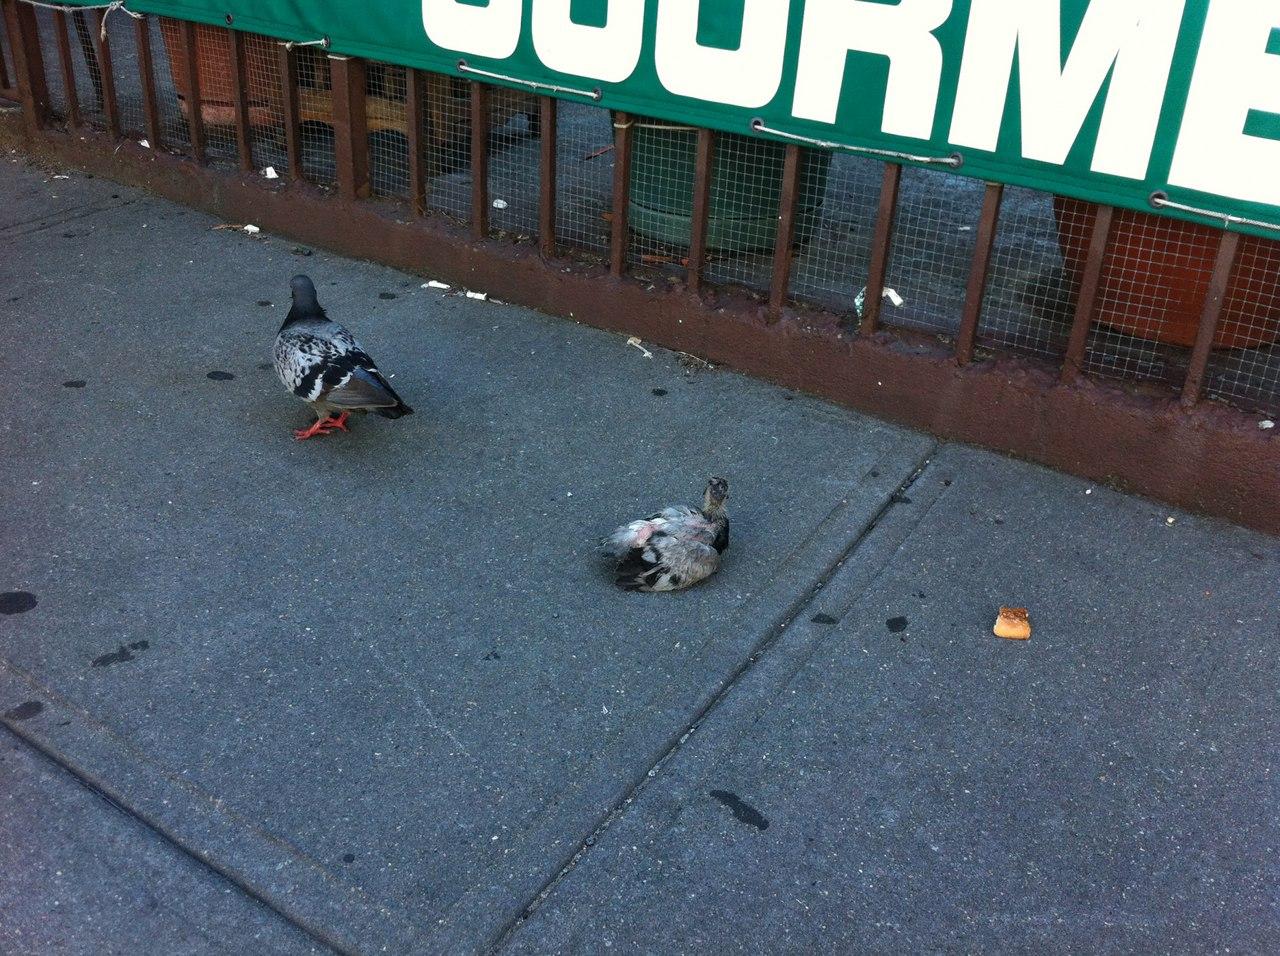 Почему жители городов никогда не видят птенцов голубей